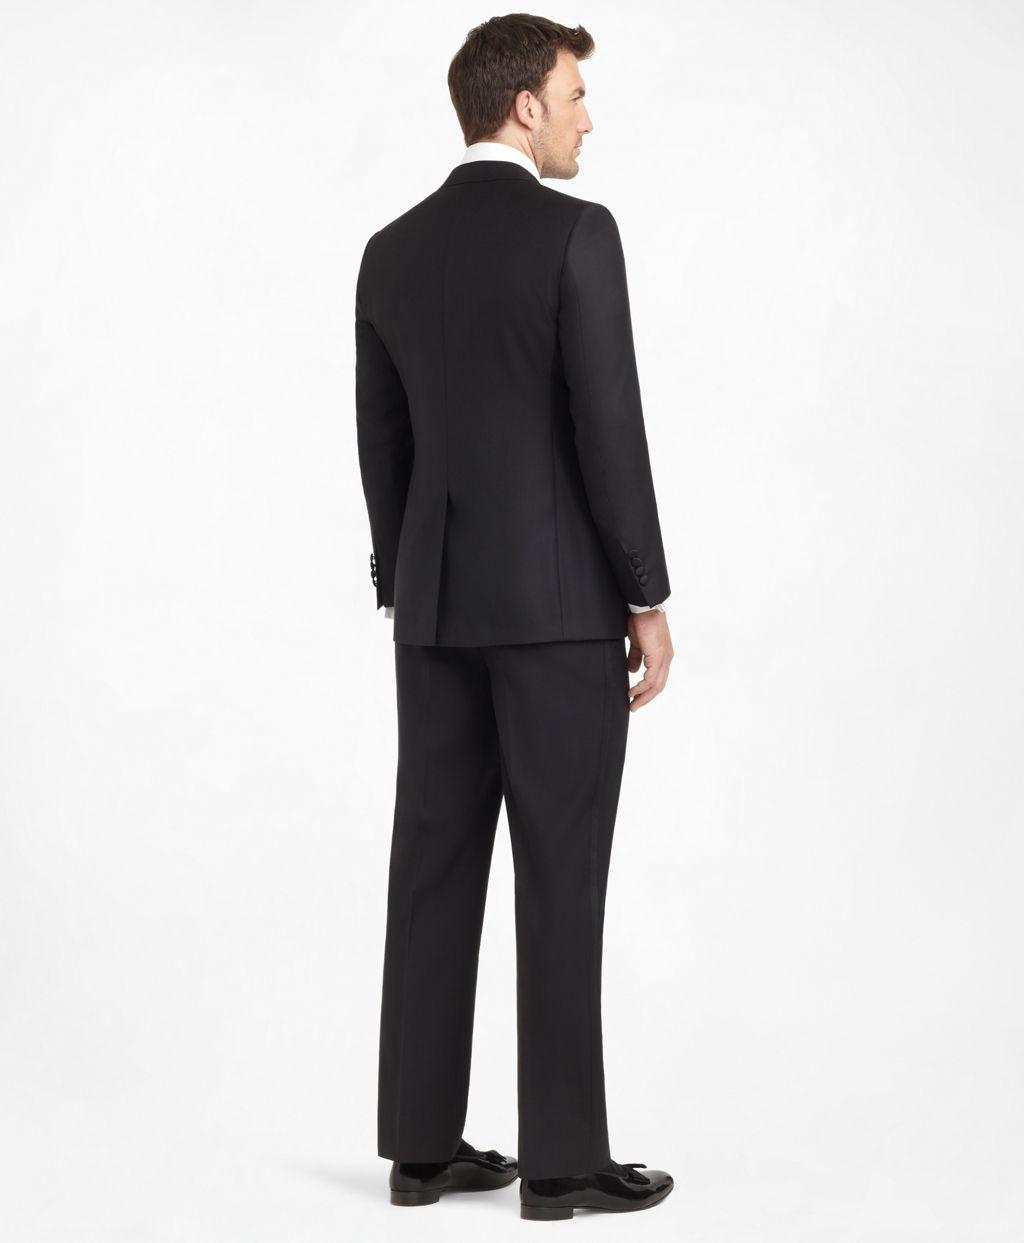 Menus fitzgerald fit golden fleece onebutton notch tuxedo brooks